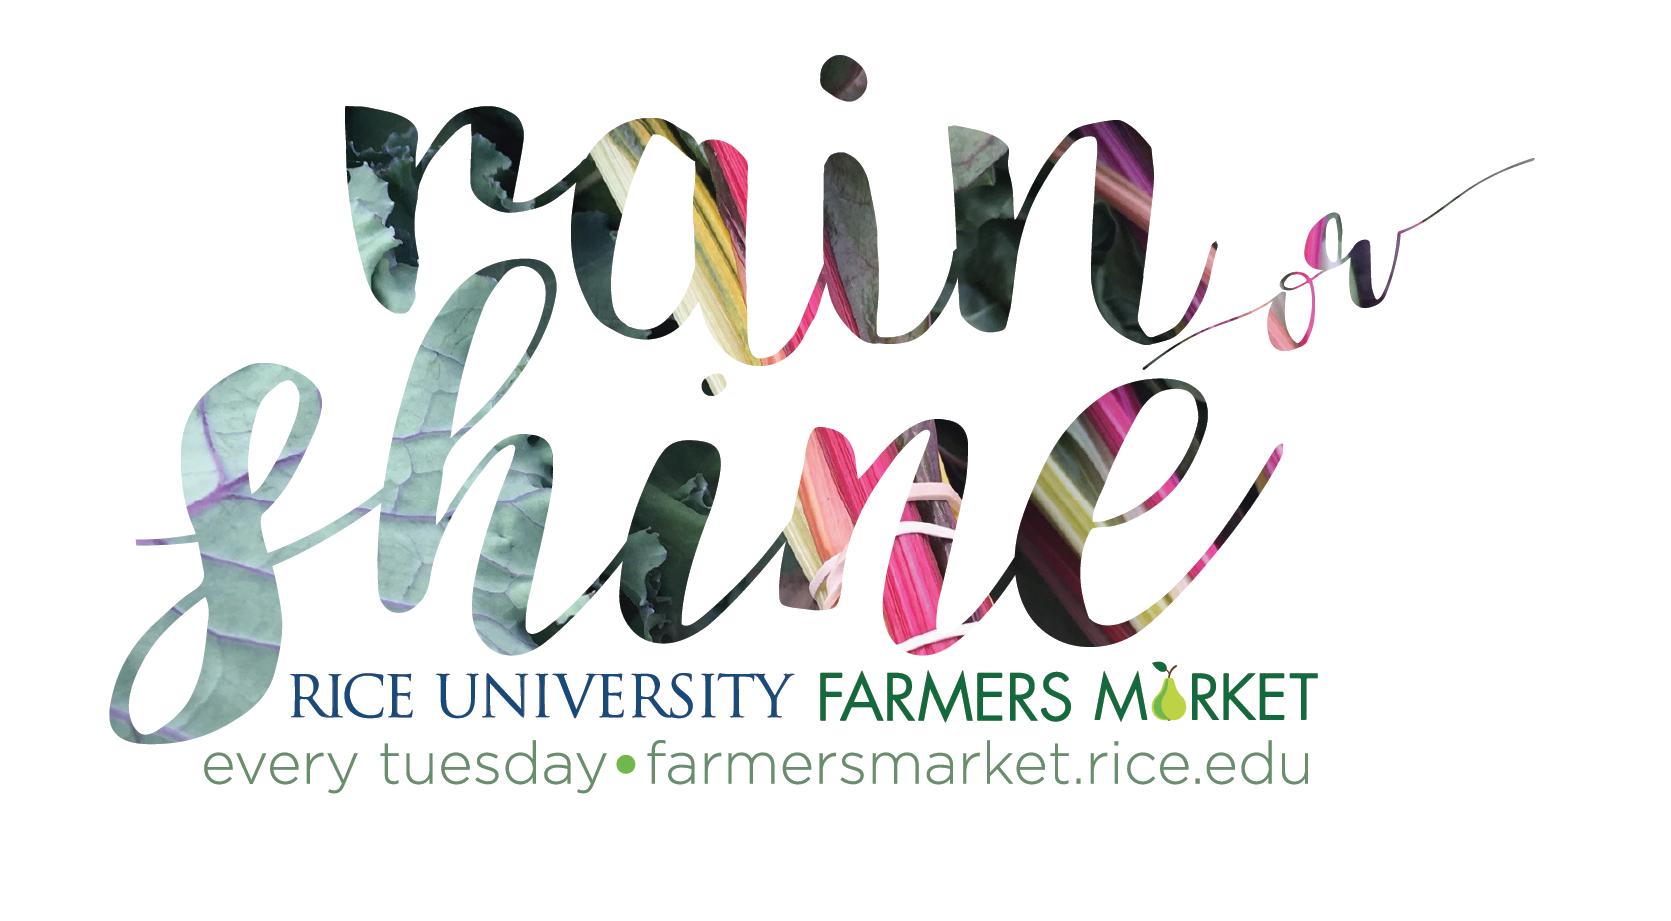 FarmersMarketMagnet-01.png